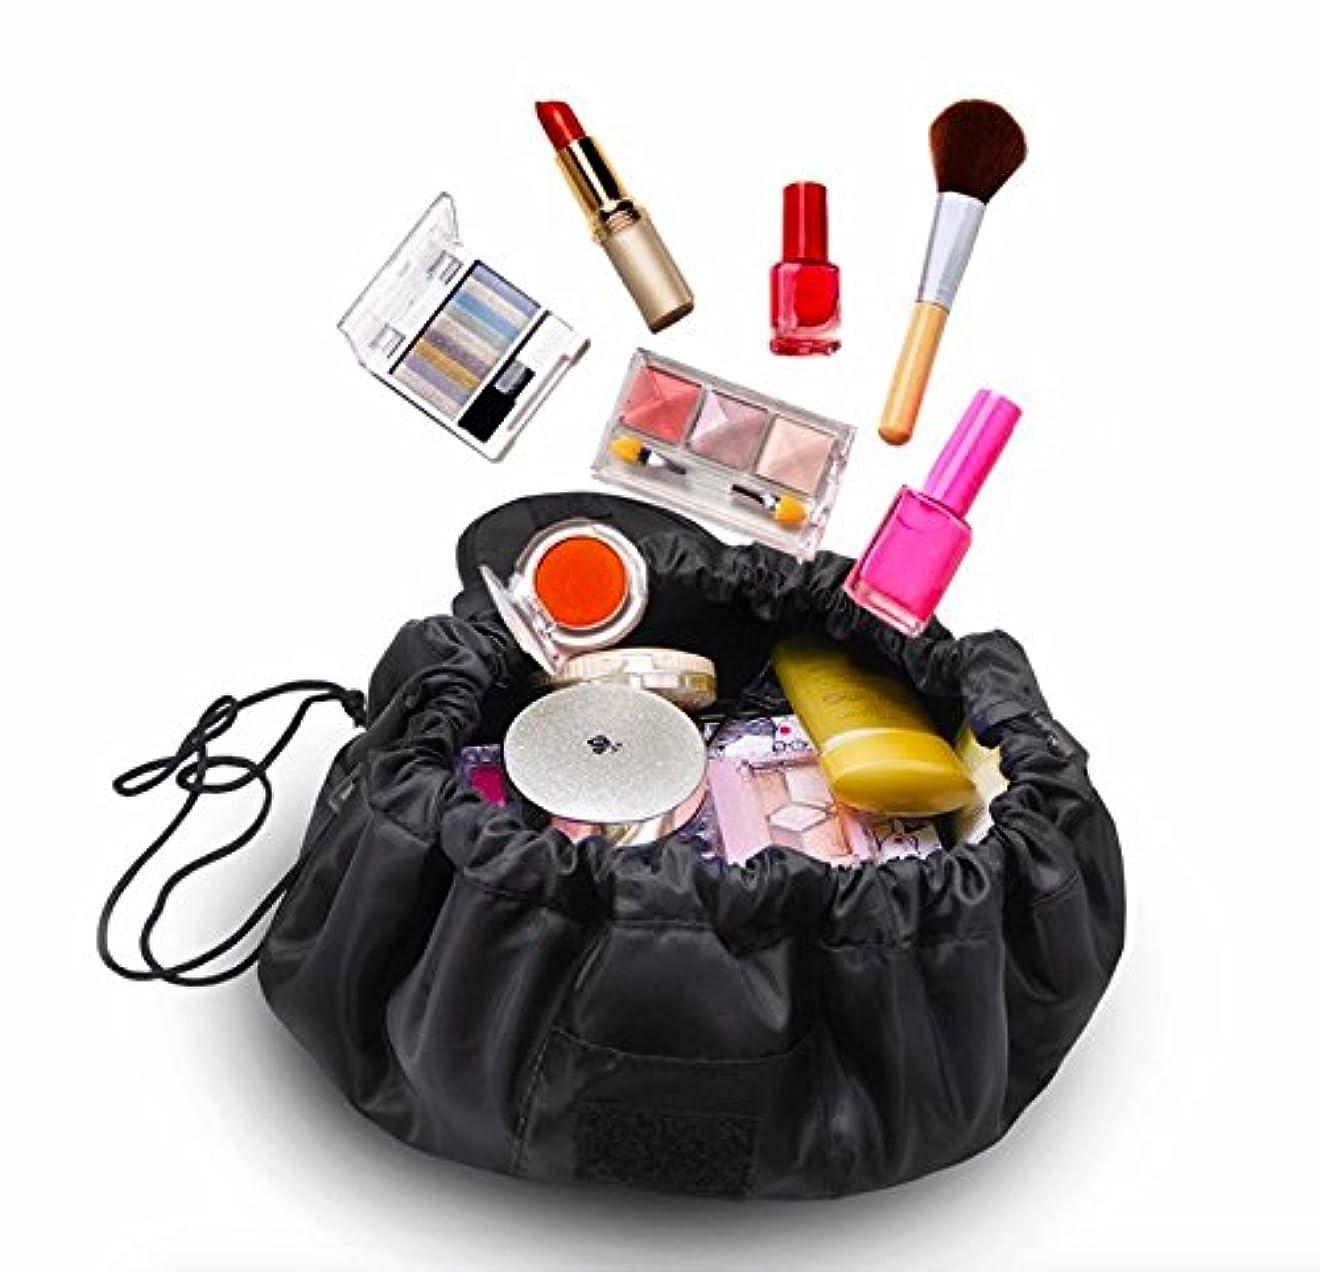 心理的に頬骨フォーマット大容量 防水化粧品収納バッグ 折り畳み 外泊 出張 持ち運び旅行収納 (黒)